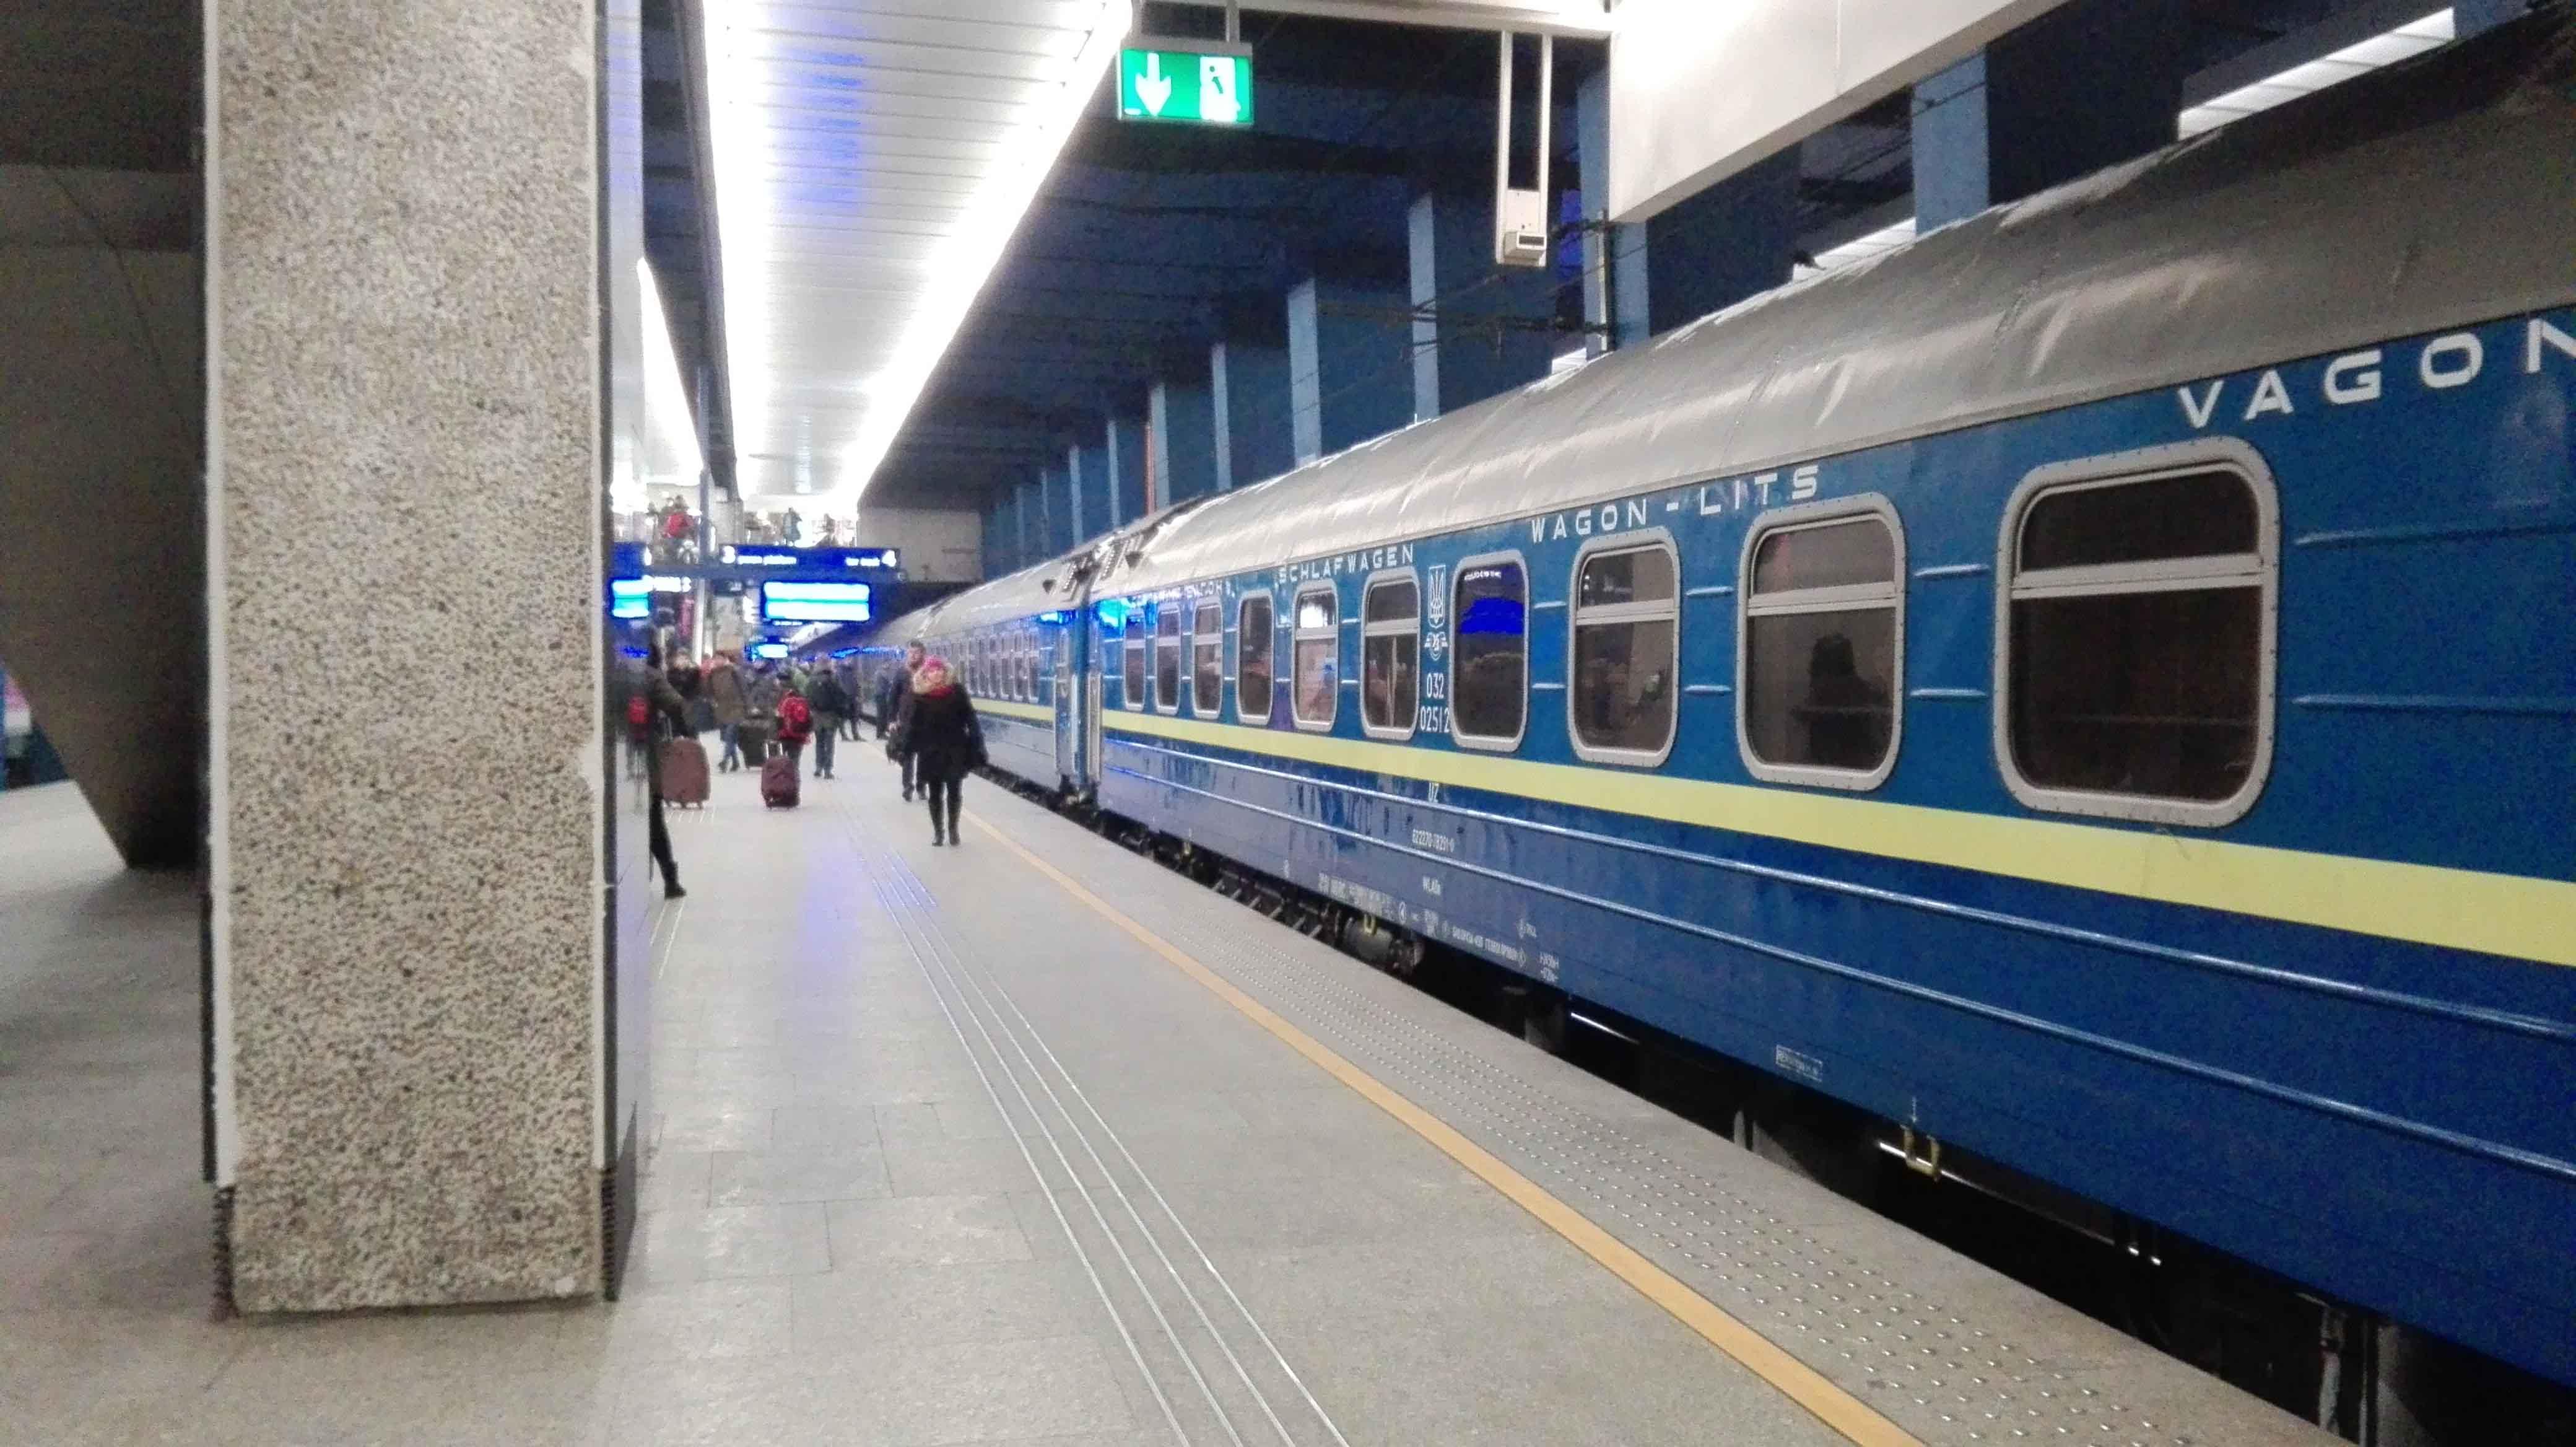 Таможенный контроль в поезде Киев-Варшава перенесут на Киевский вокзал